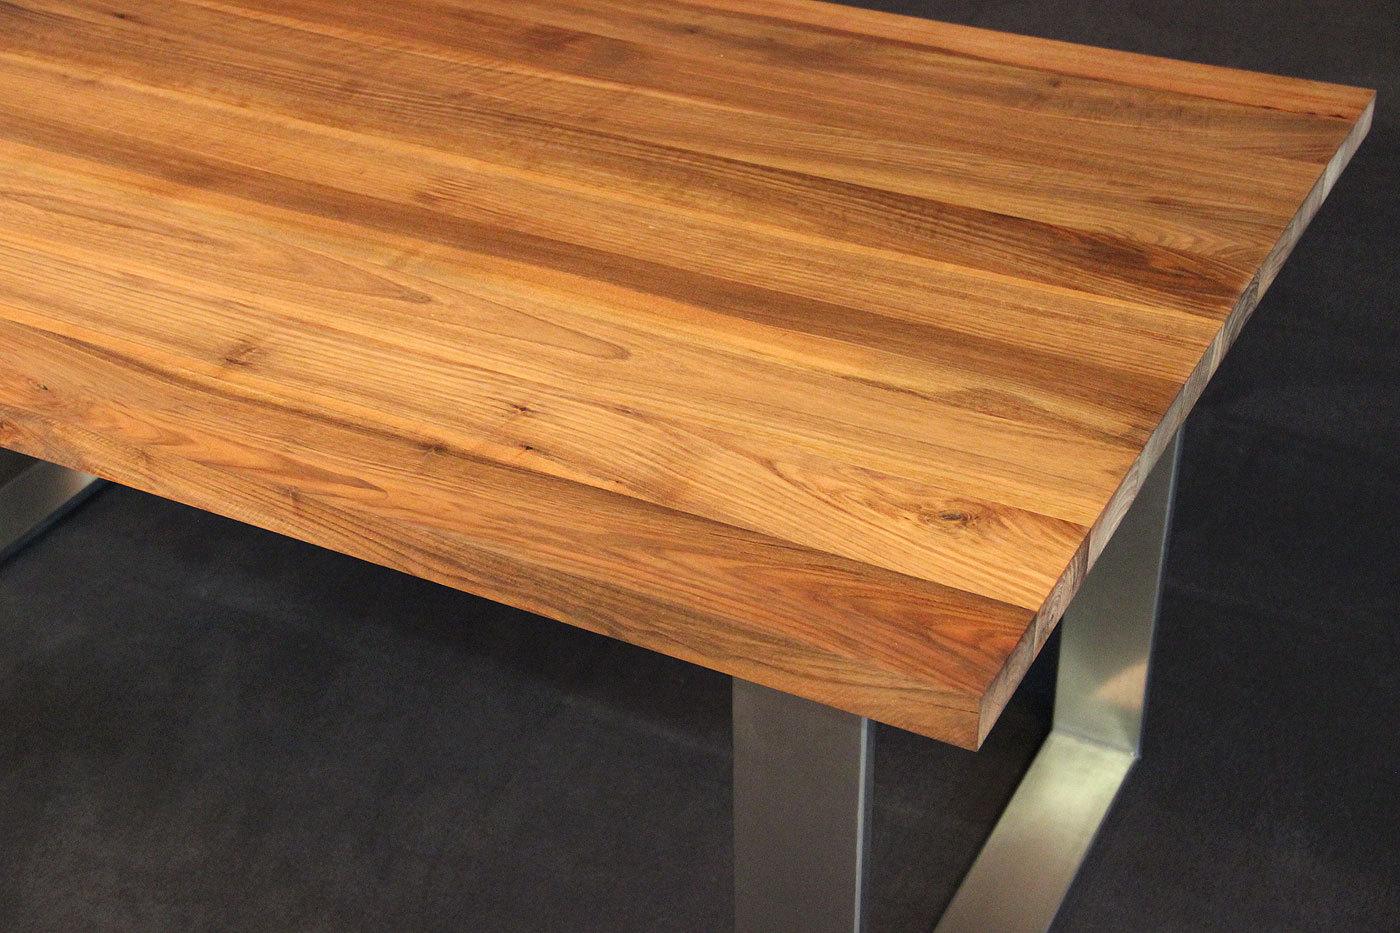 Tischplatte Massivholz Nussbaum ~ Tischplatte Massivholz Kaukasischer Nussbaum AB mit Splint DL 401600